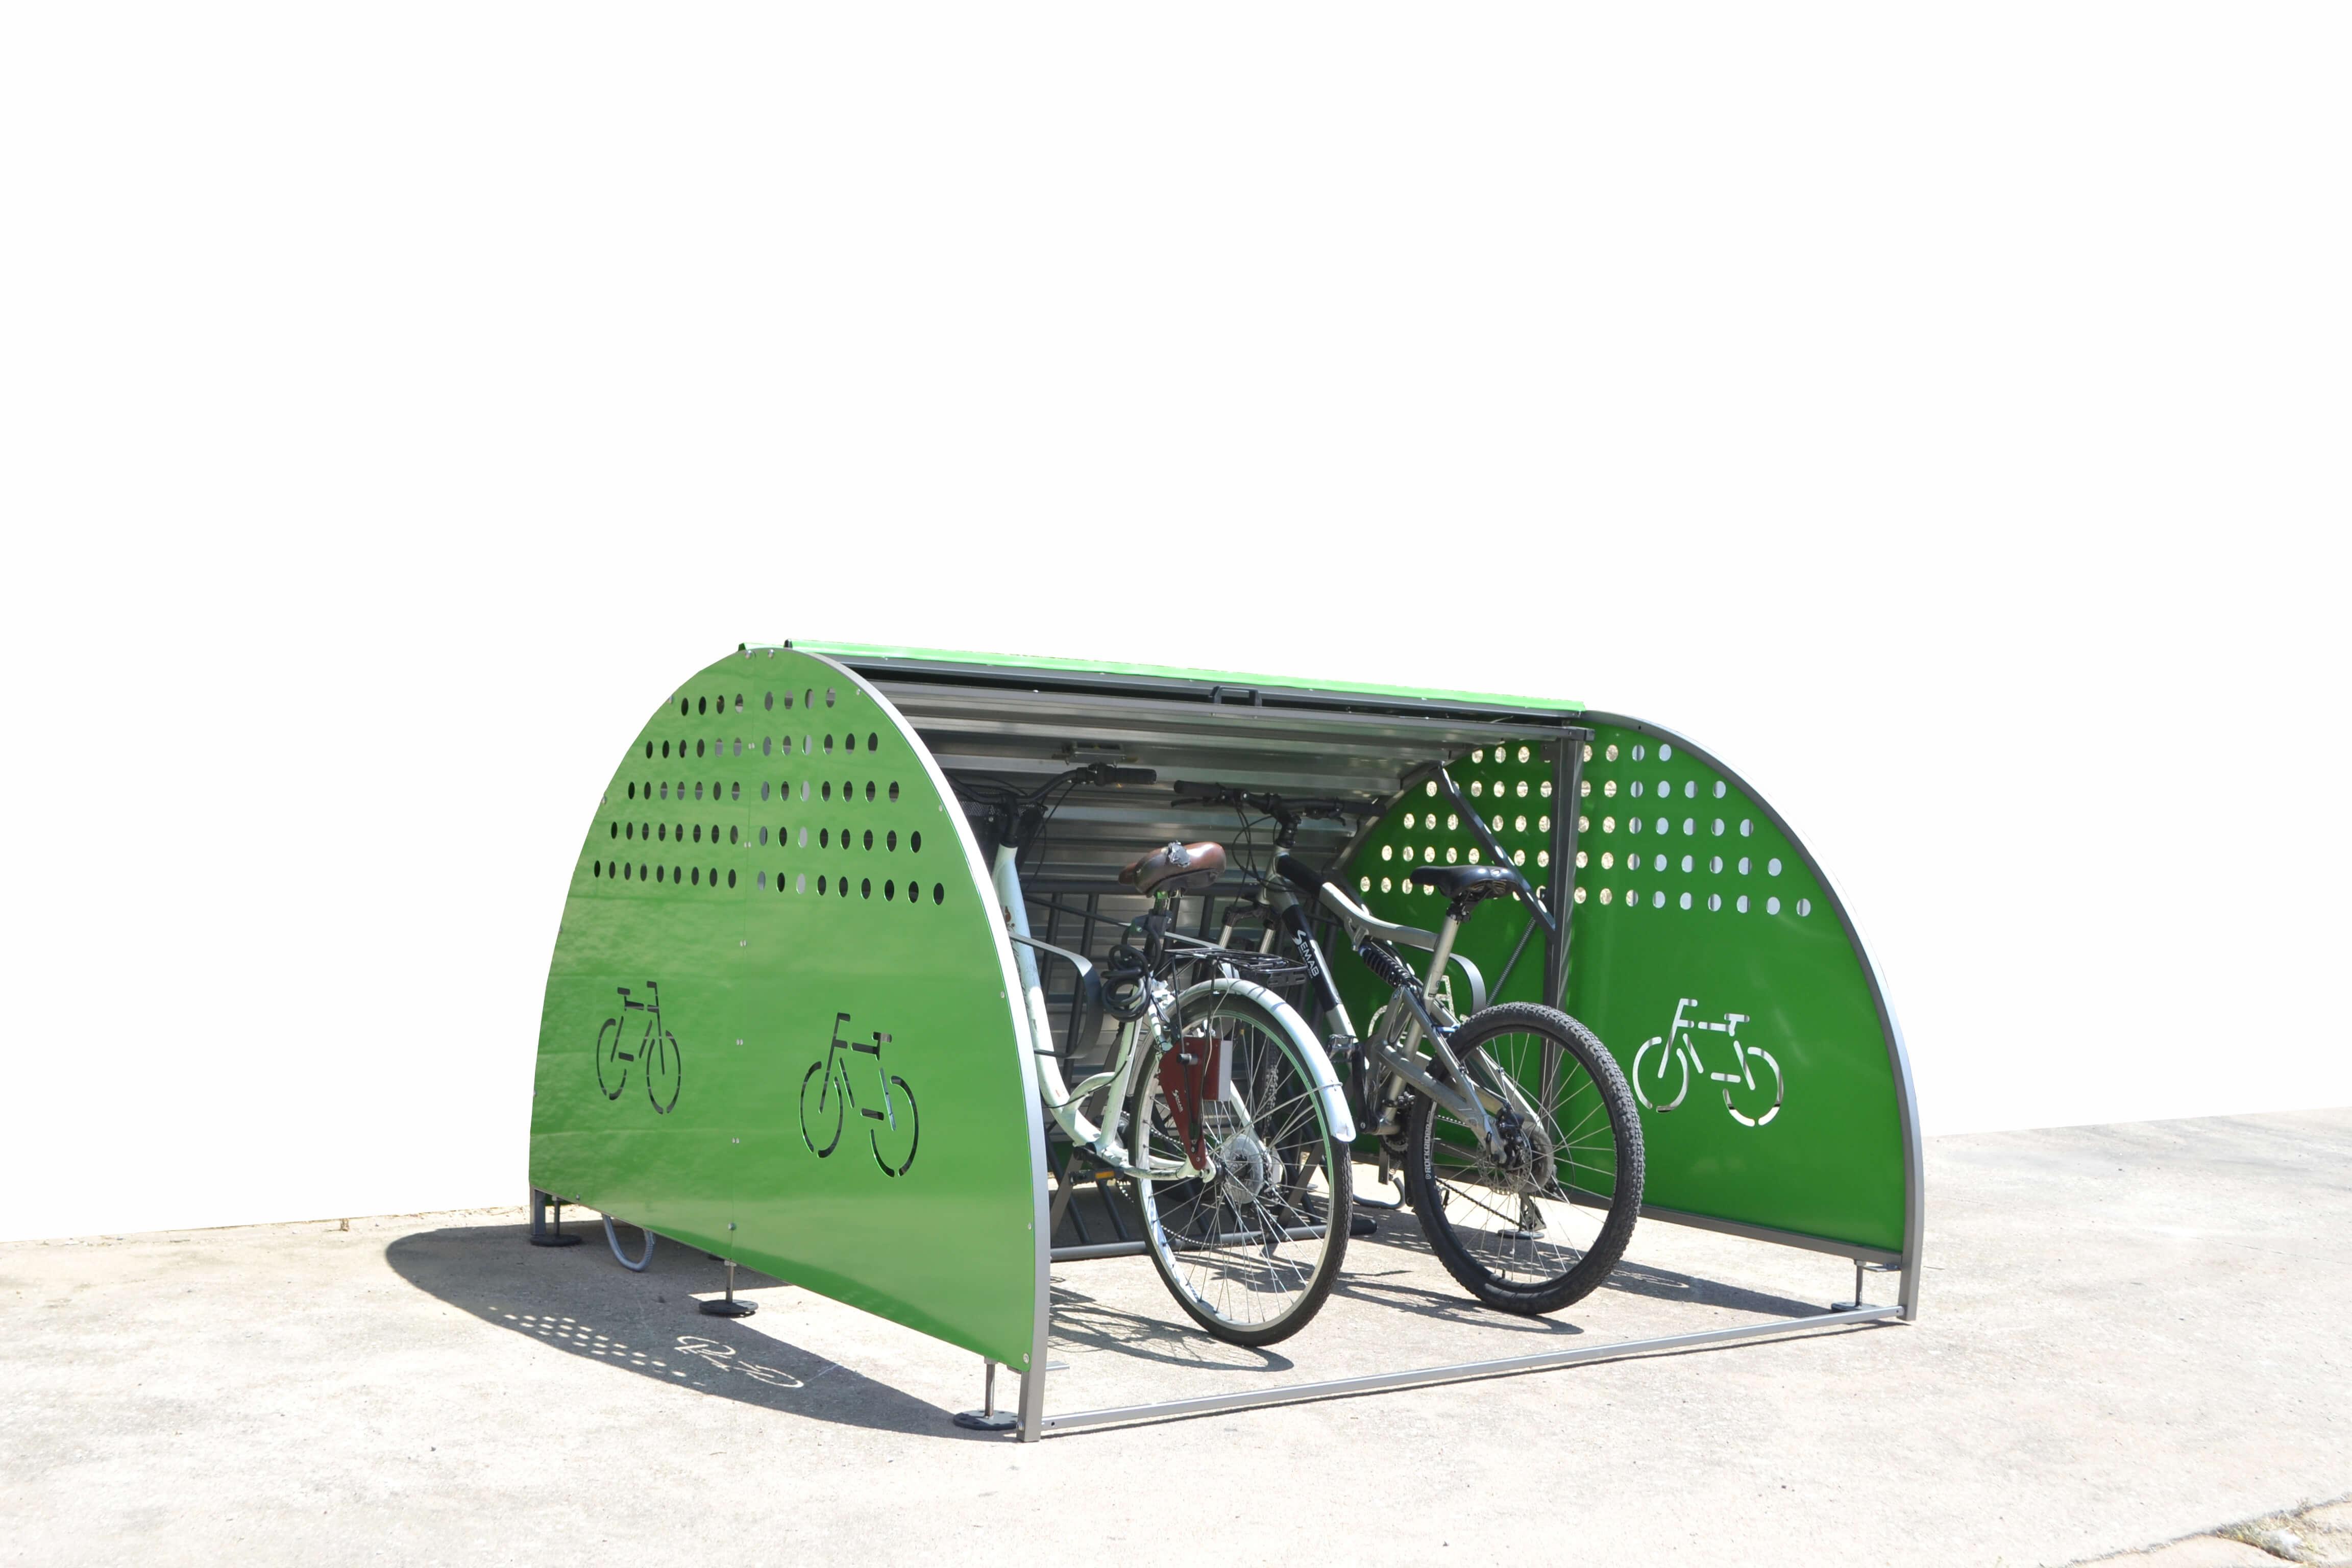 Box modulaire fietskluis - handig om de fiets op te bergen